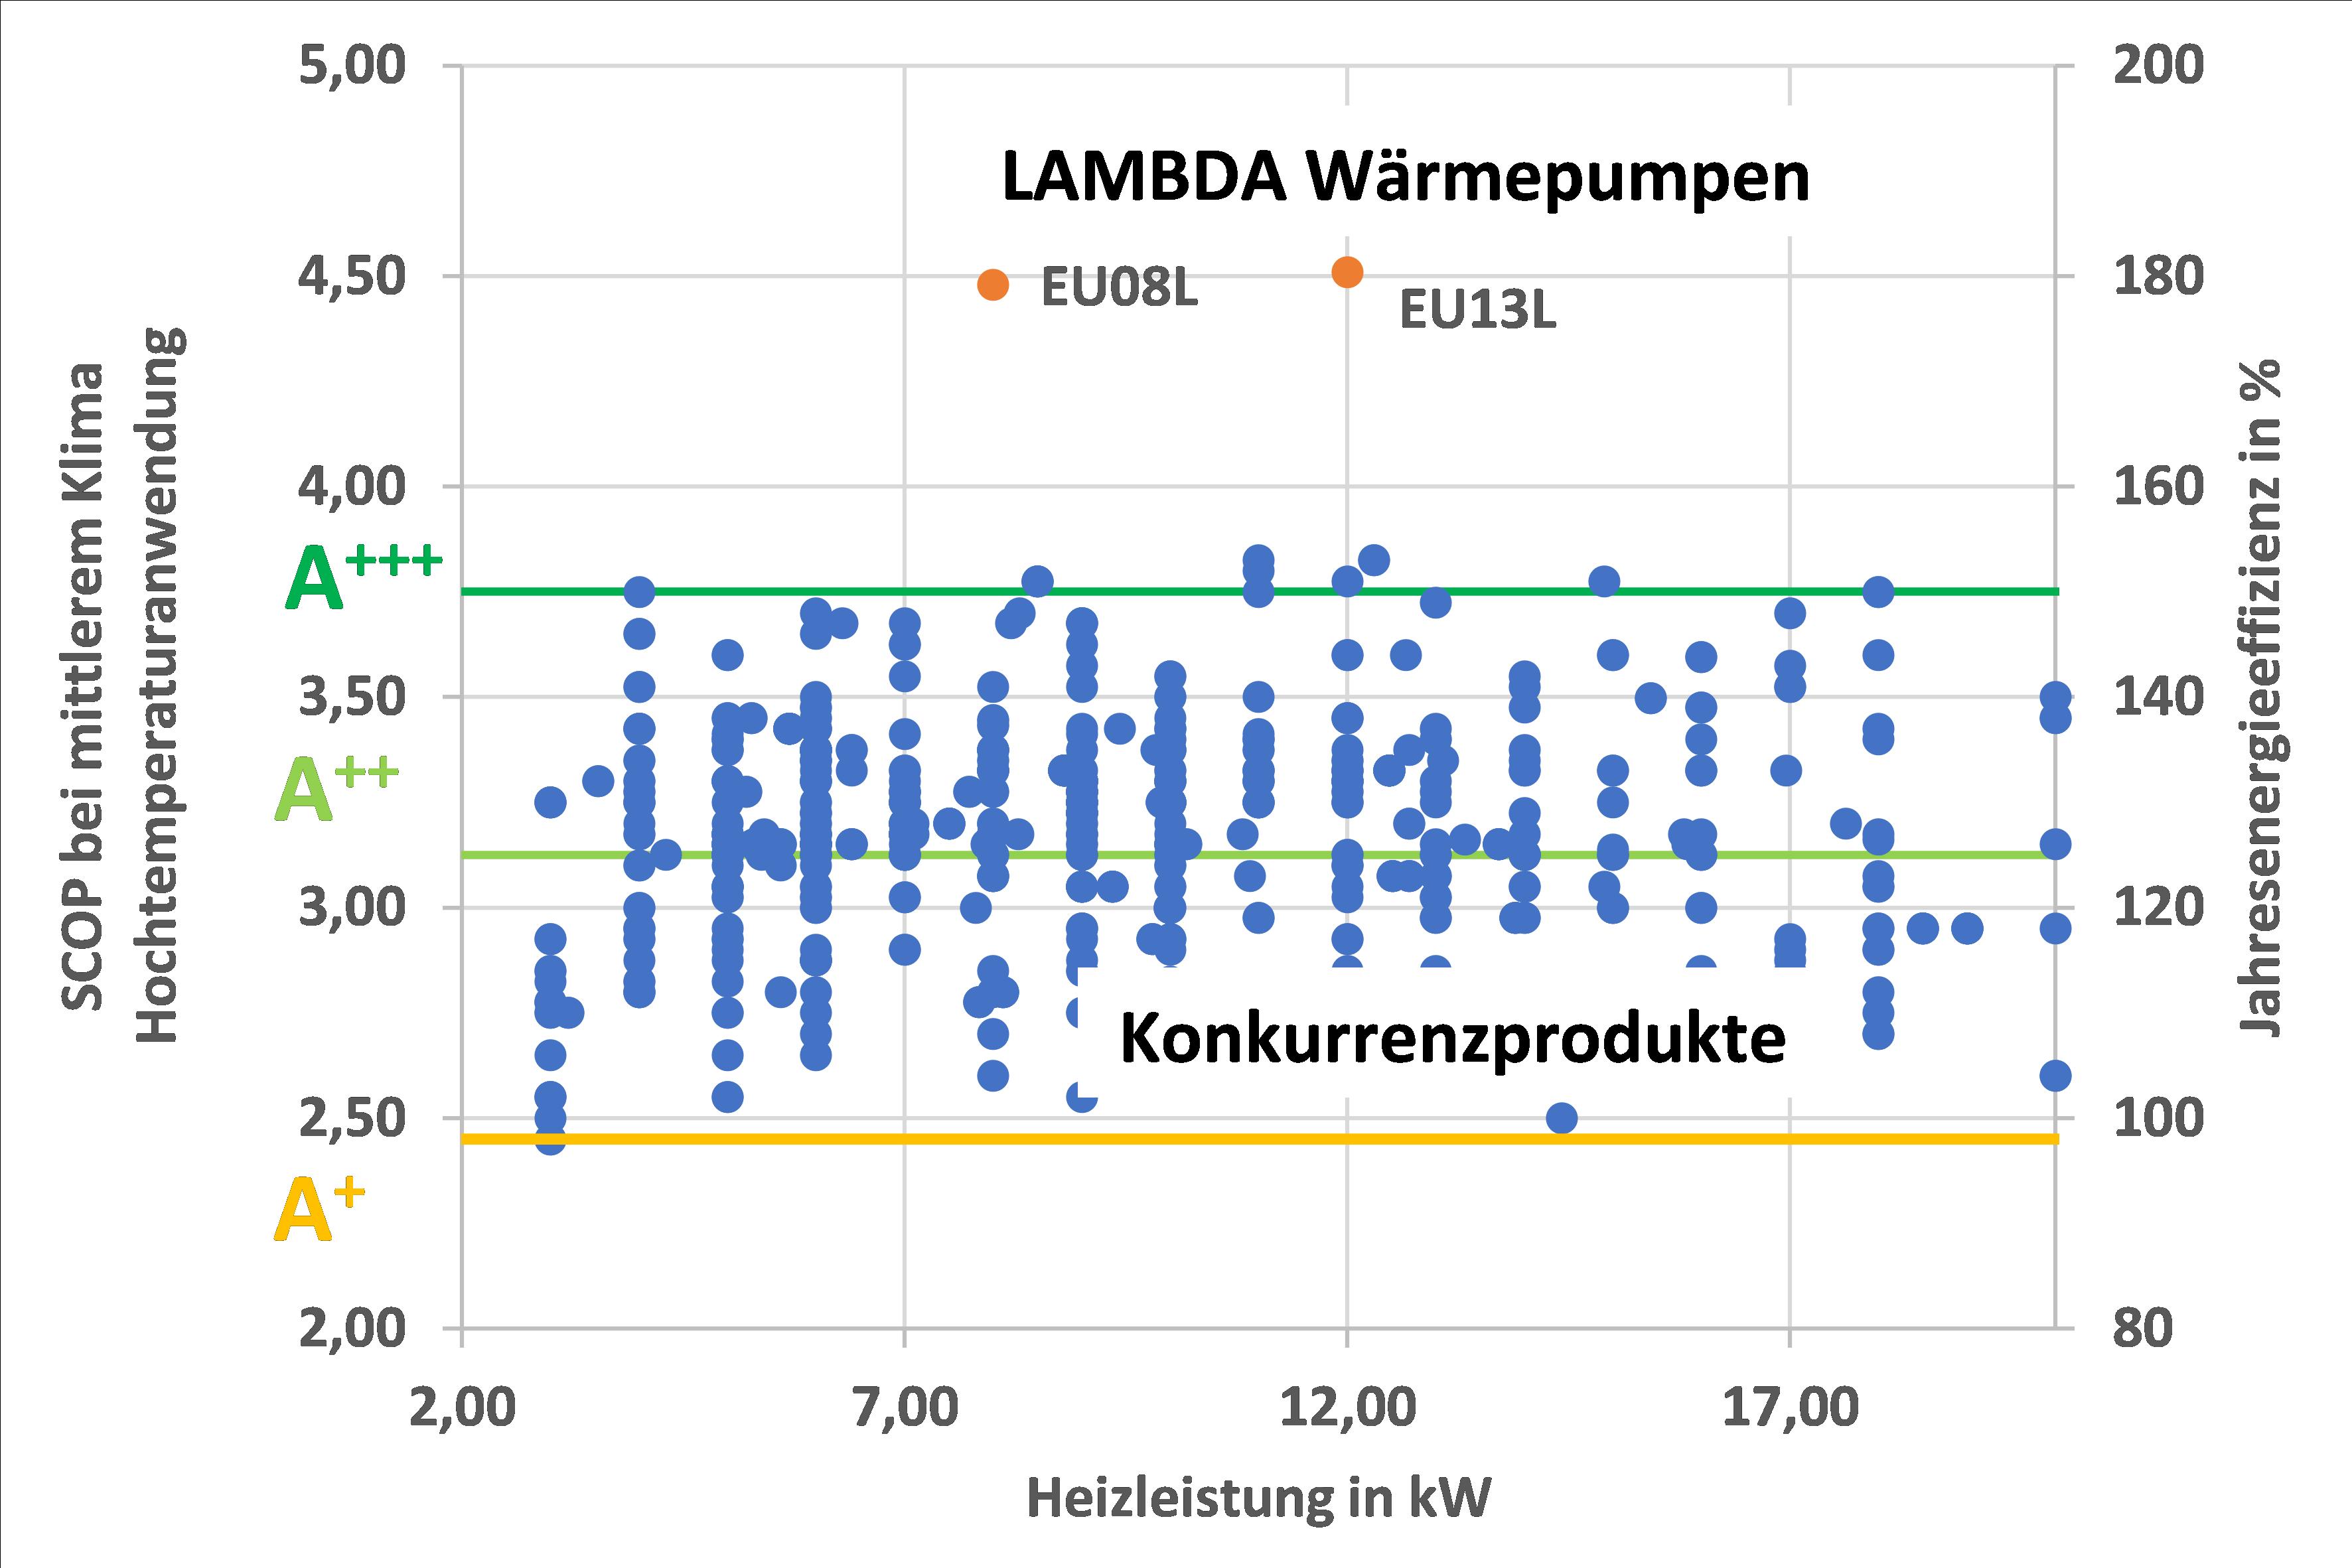 SCOP Marktvergleich bei Hochtemperaturanwendung (55°C)